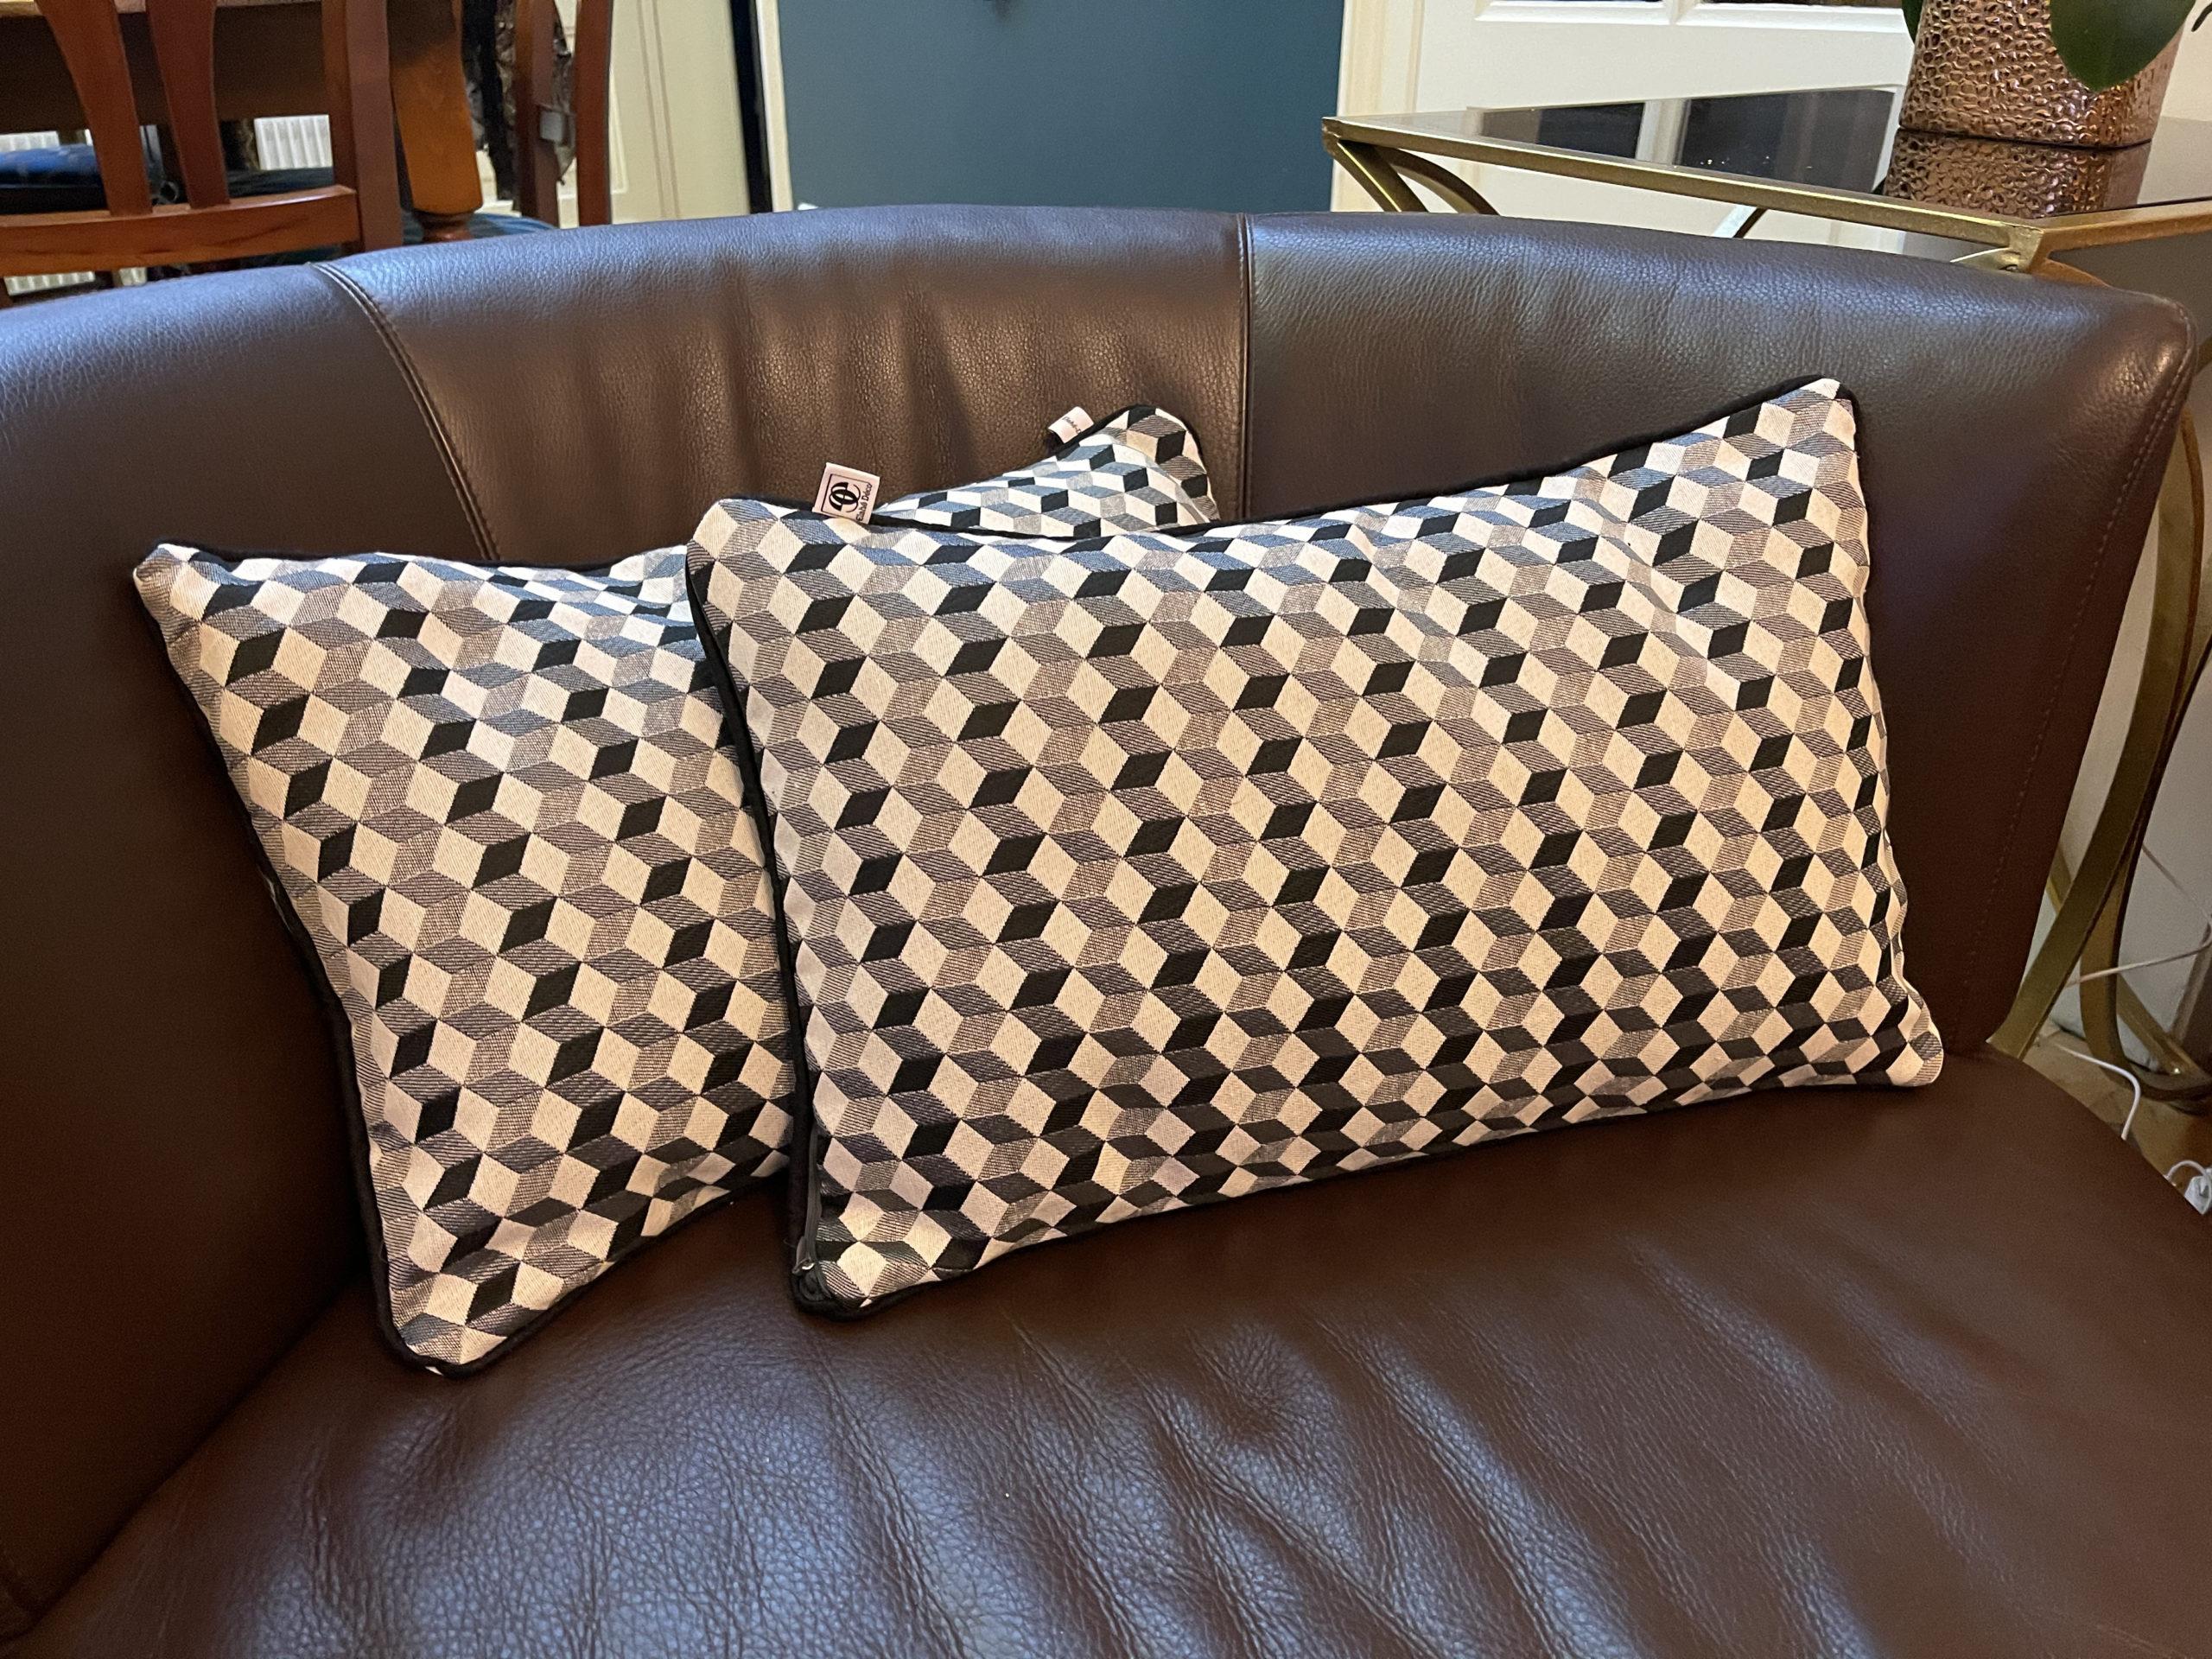 Coussins tissus géométriques noir et blanc - Elahé Déco